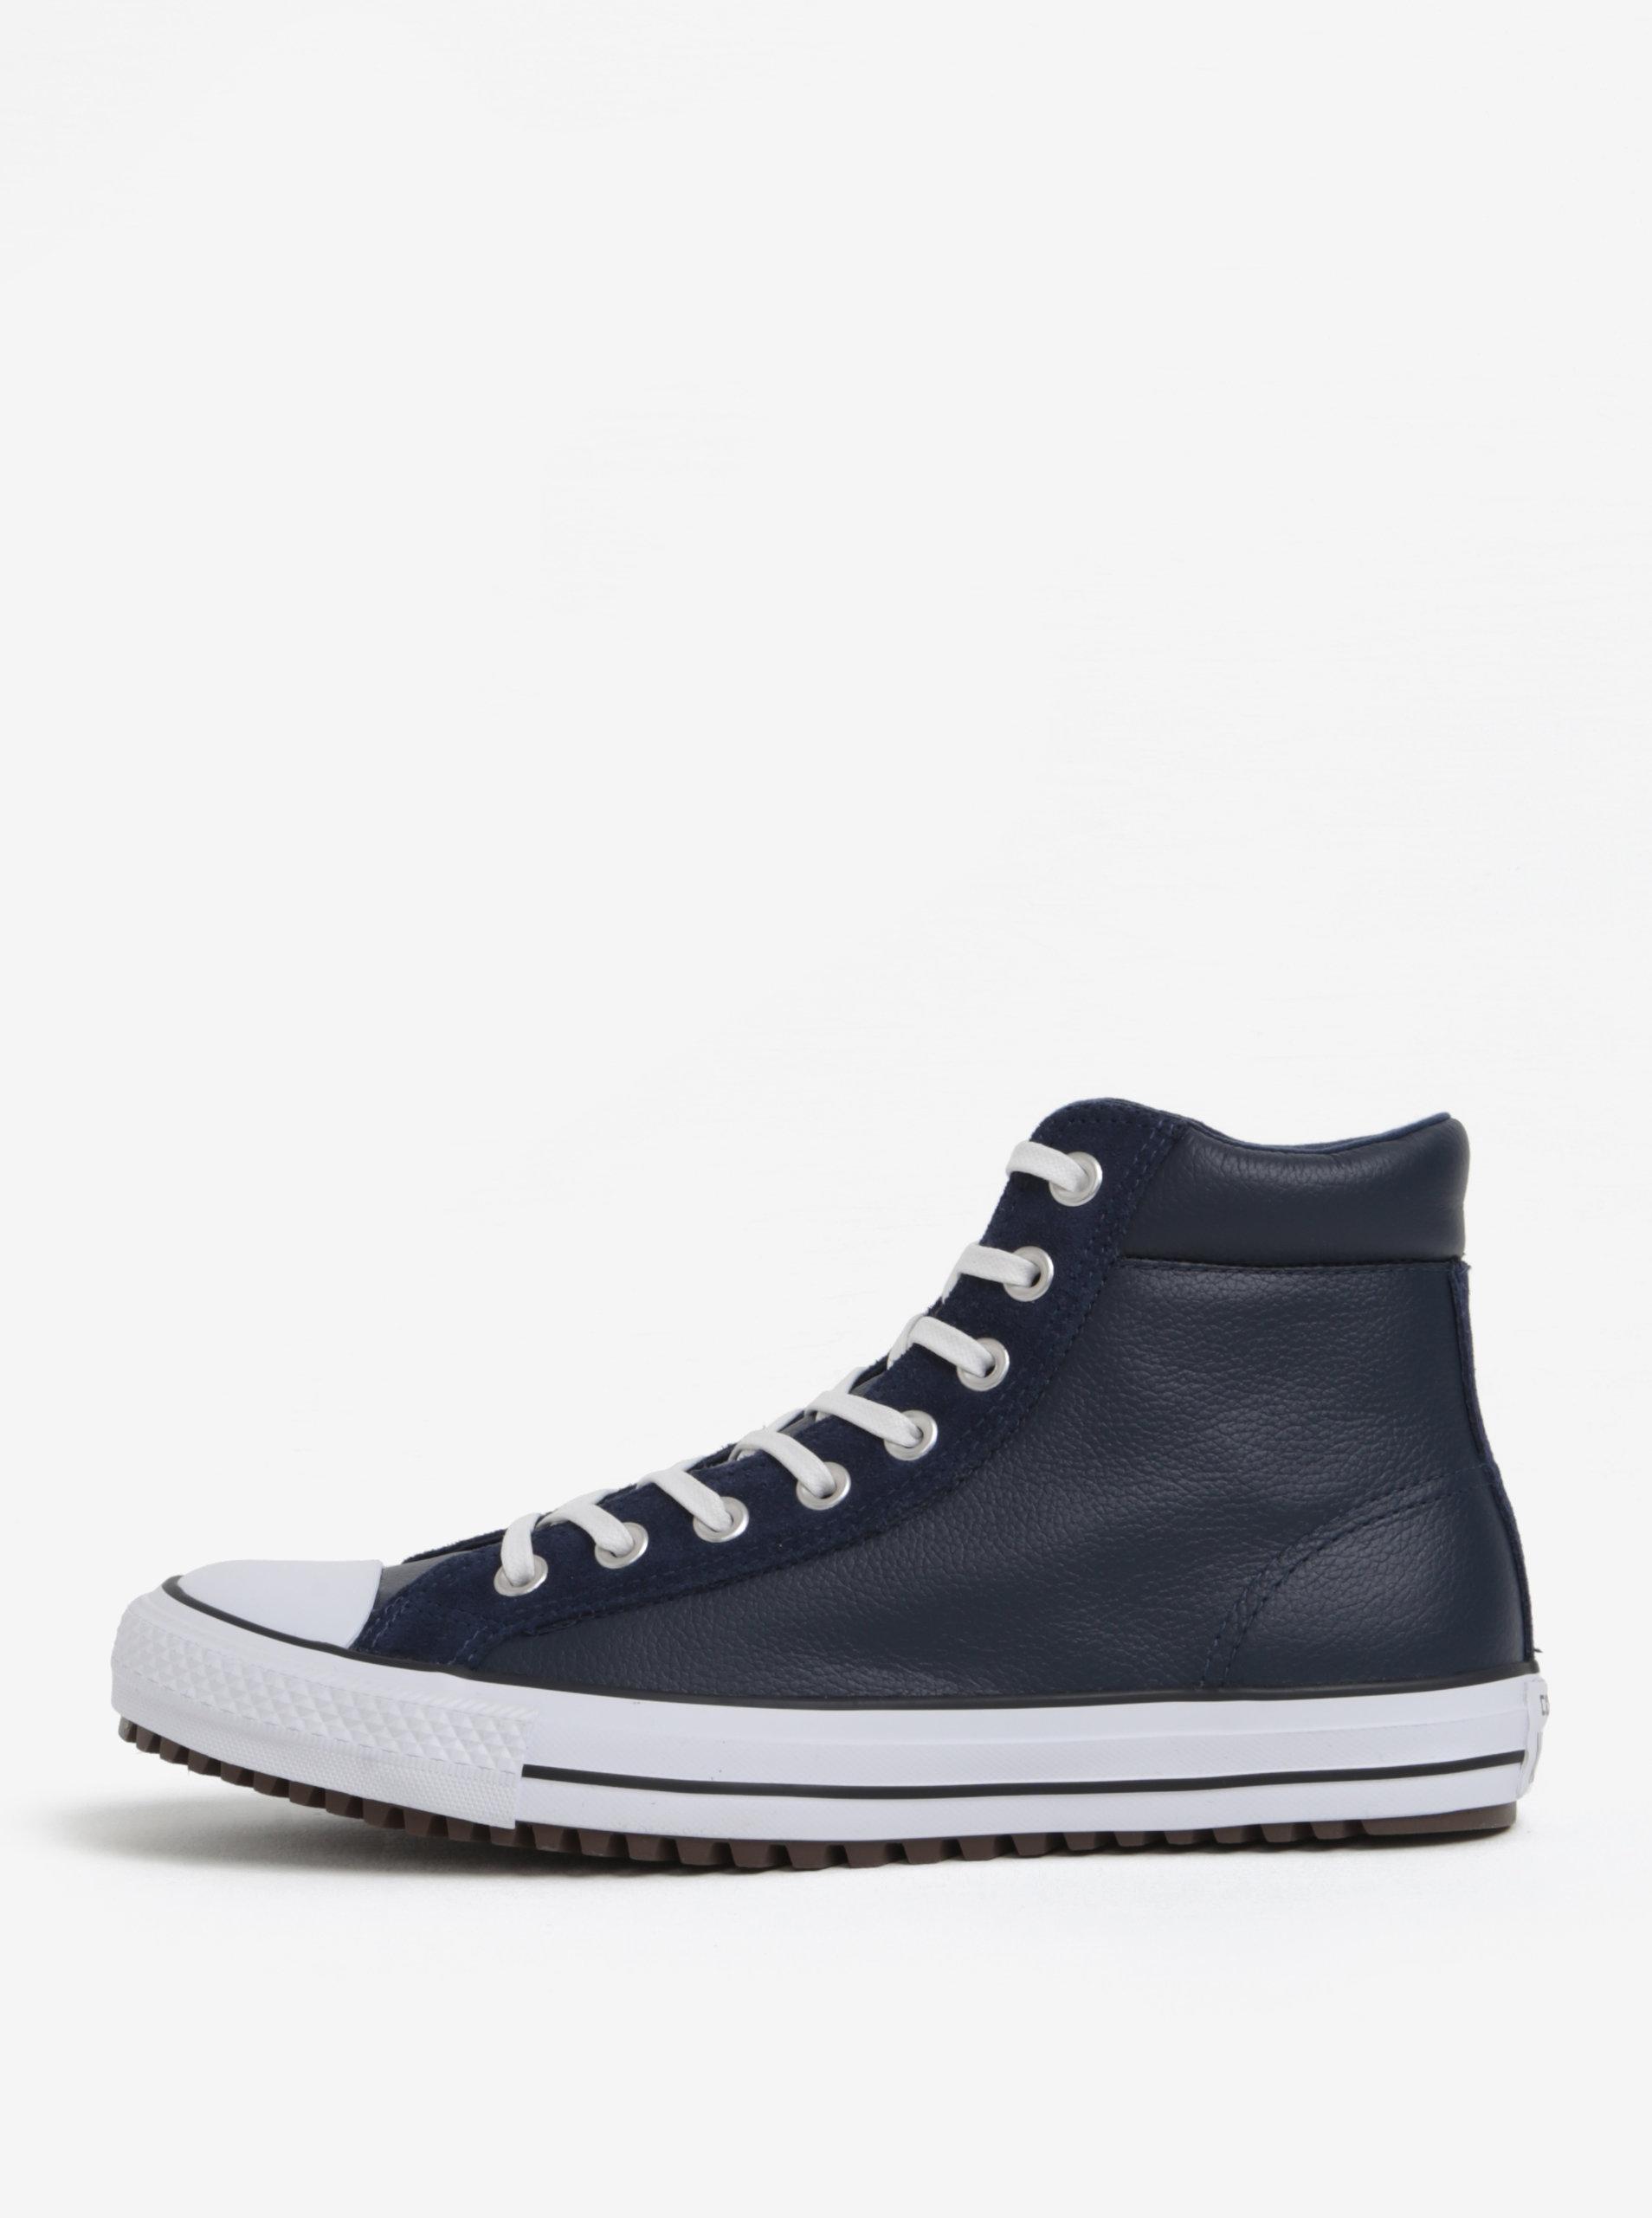 Tmavě modré pánské kožené kotníkové tenisky Converse Chuck Taylor ... 25a3d73803